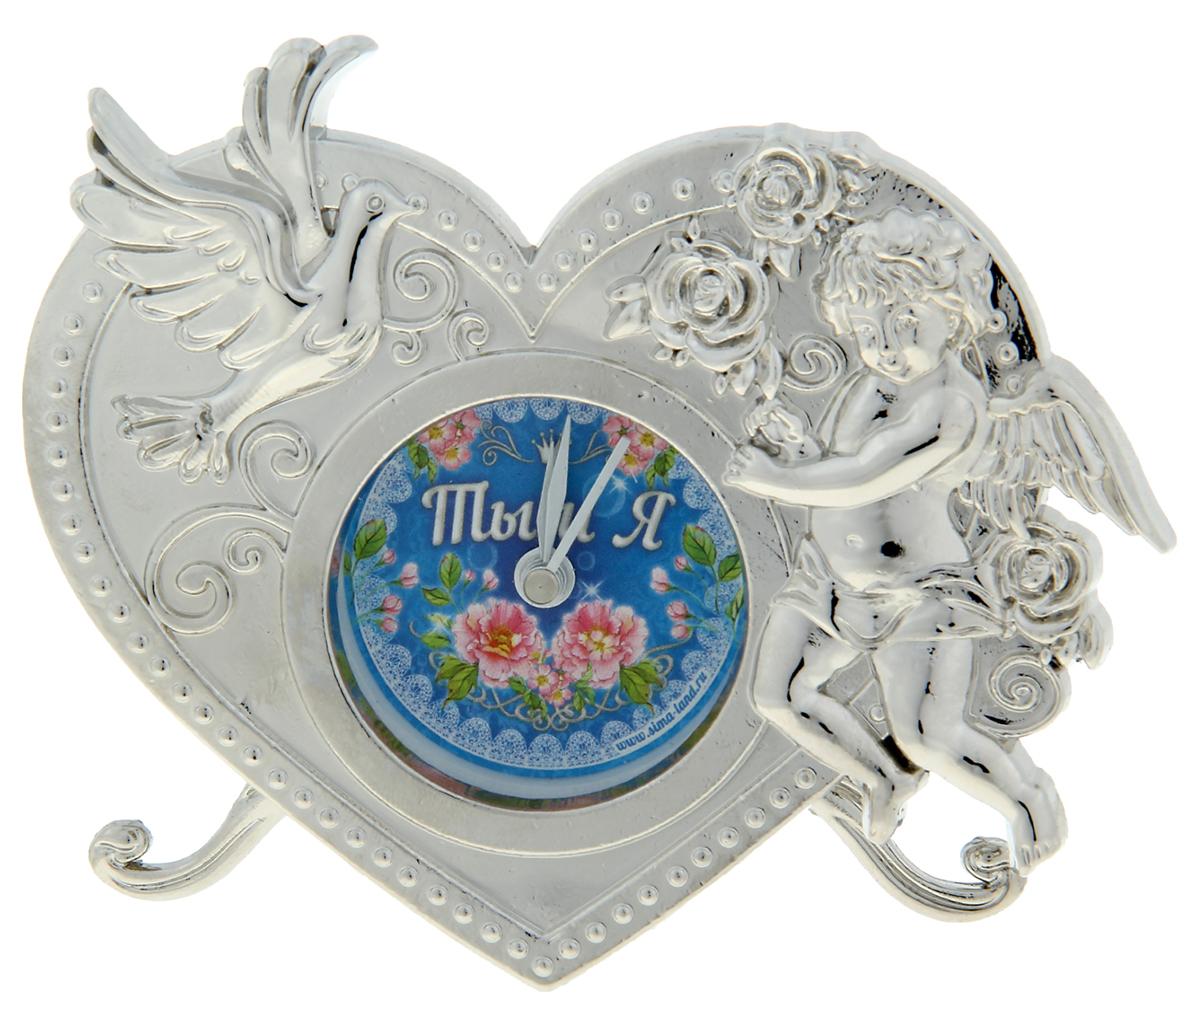 """Часы """"Ты и Я"""" - это олицетворение неповторимой грации в декоративном элементе интерьера. Они придутся по душе натурам романтичным и нежным, предпочитающим необычные детали в оформлении дома. Символы любви – голубь и Купидон – придают изделию неповторимый шарм. Часы выполнены из металла c ярким циферблатом, располагаясь на прочных ножках, и работают от батареек LR44 (не входят в комплект). Кроме того, они включают функцию будильника, что делает их не только красивыми, но и полезными. Теперь вы ни за что не проспите важное событие и будете встречать каждый новый день с улыбкой!"""